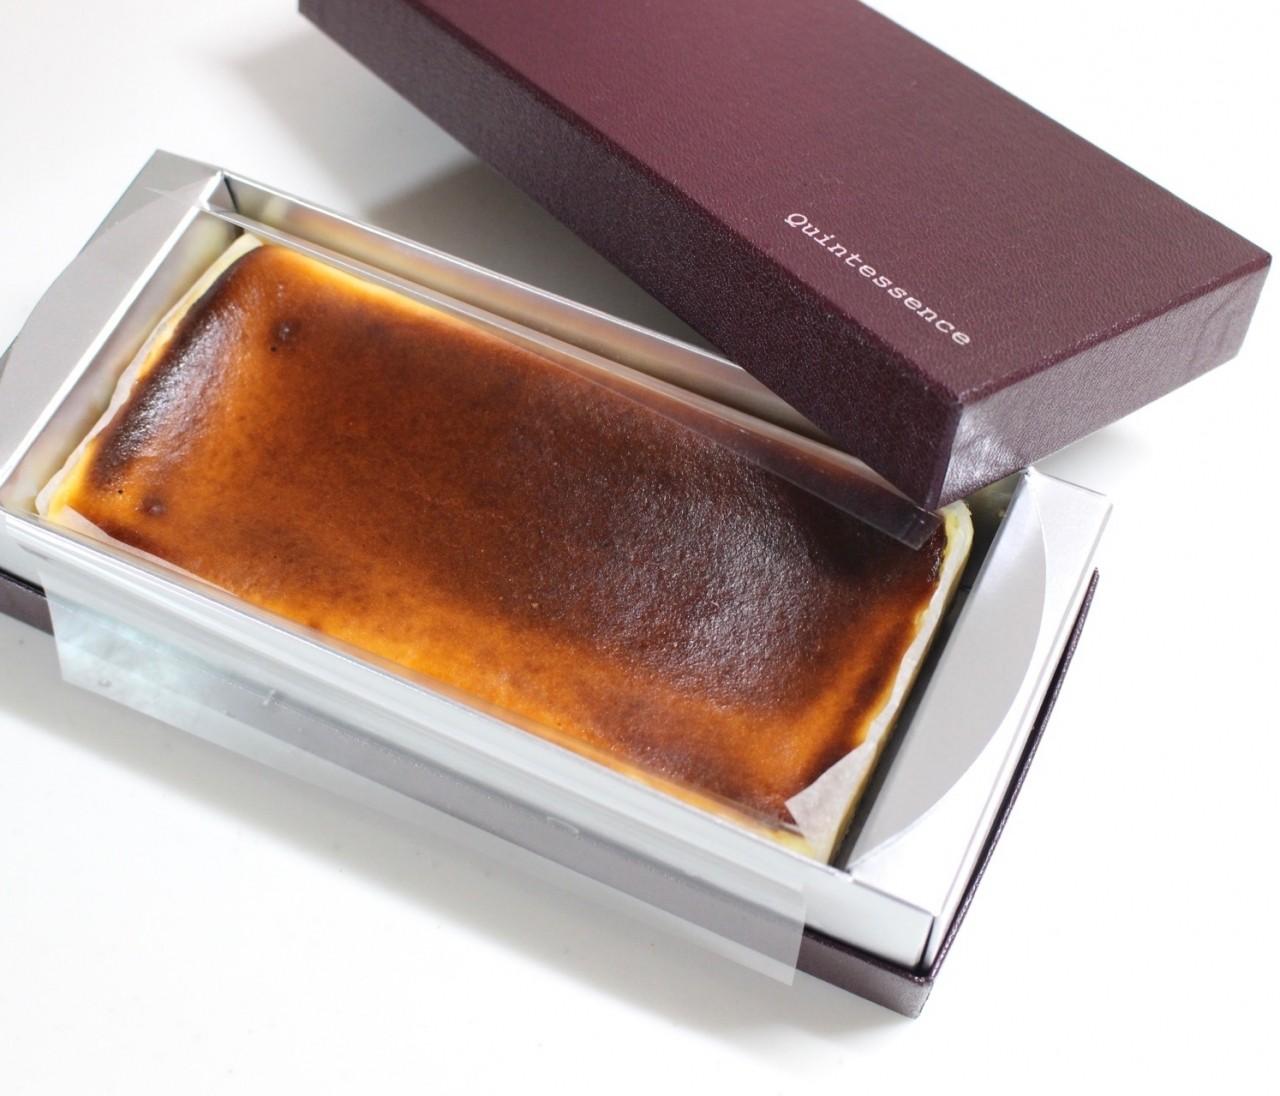 【ご褒美グルメVol.3】ミシュラン三ツ星シェフの味をお取り寄せ!〈7,000円超〉入手困難チーズケーキ